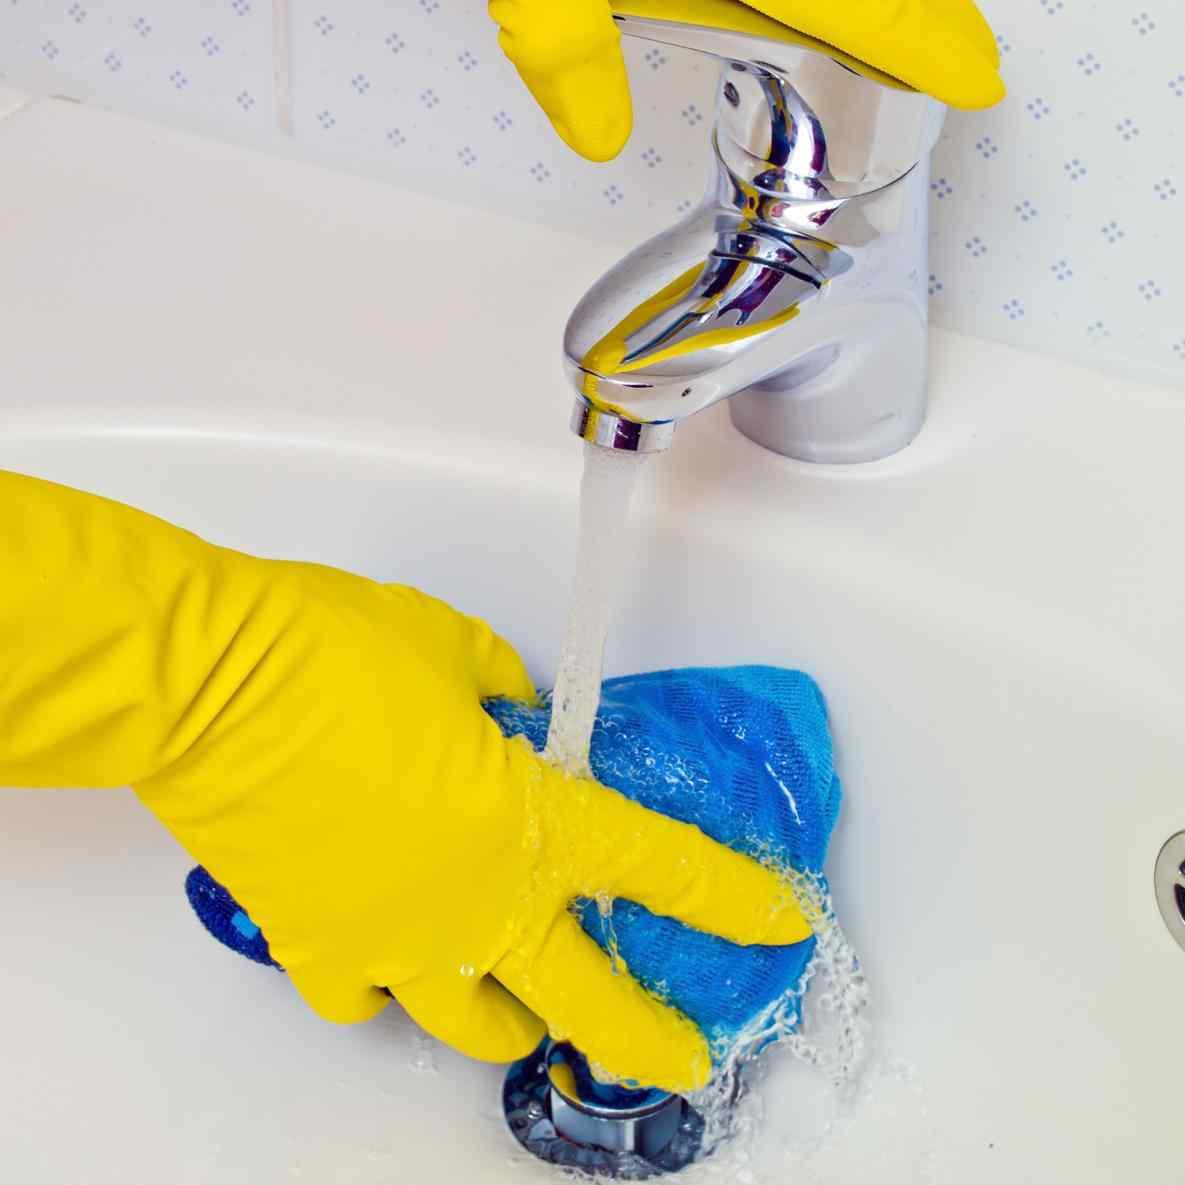 Как сделать пену для ванн из мыла в домашних условиях. Рецепт 90